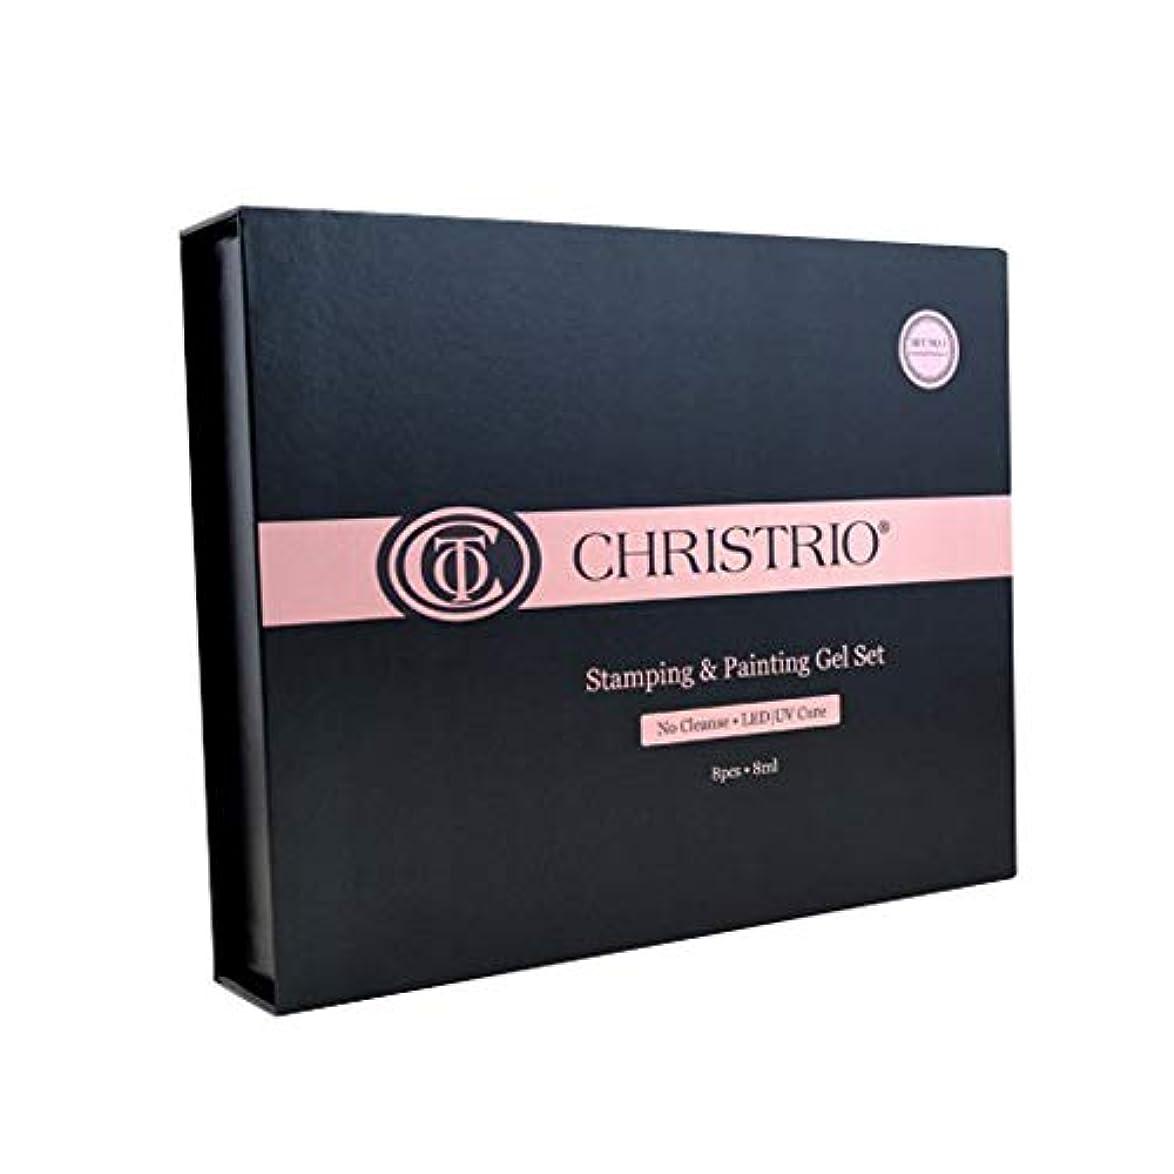 邪魔するチップ厚いCHRISTRIO スタンピング&ペインティングジェルセット No.2